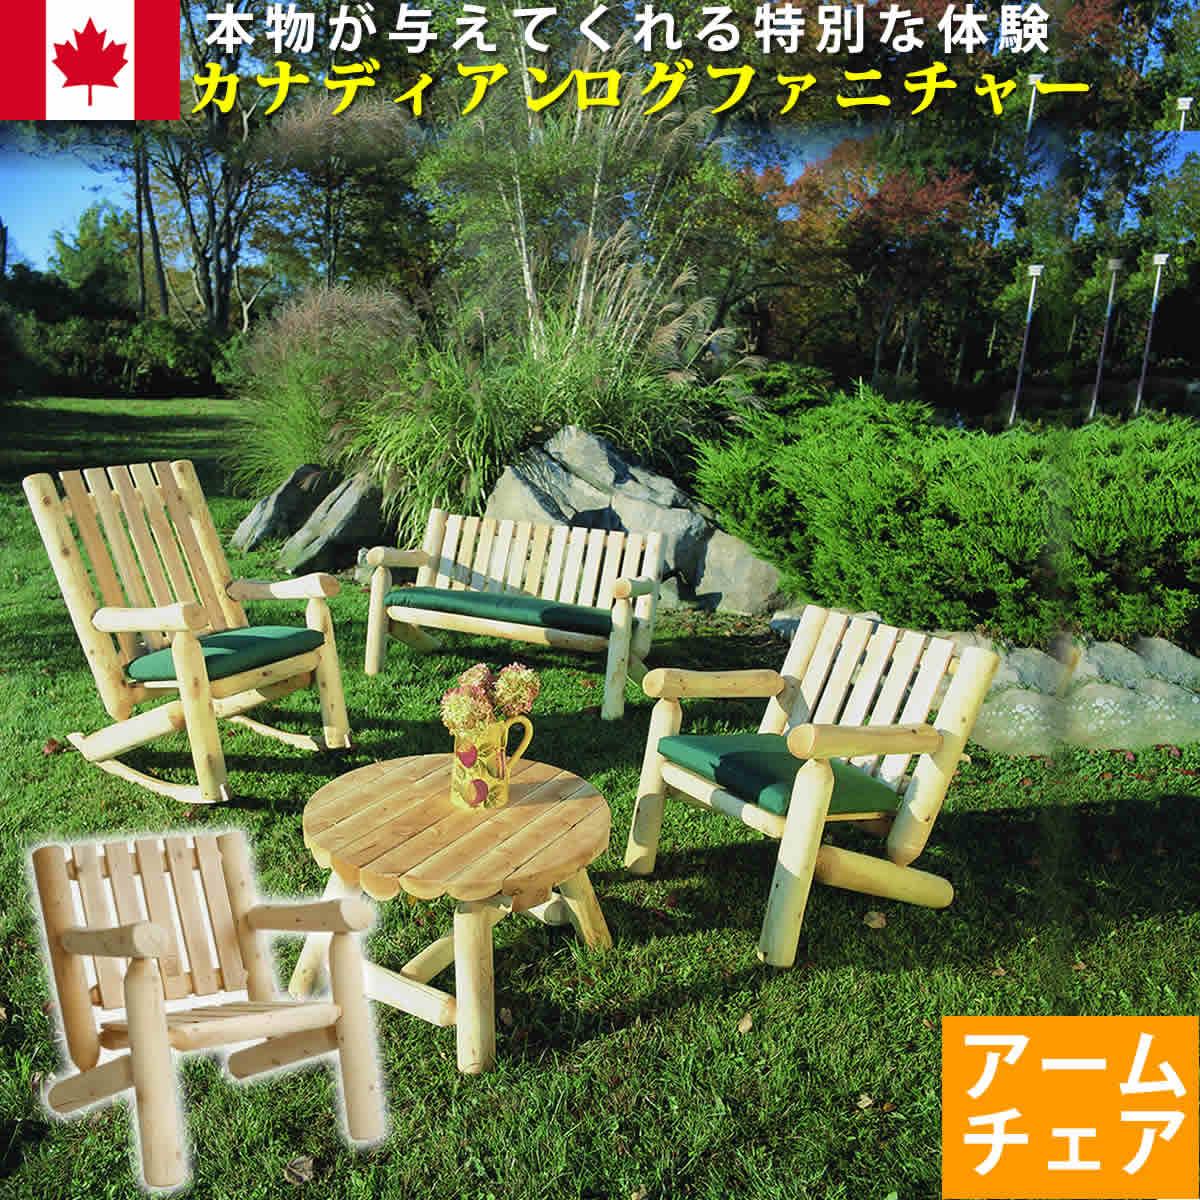 Cedar Looks アームチェア 天然木製 アウトドア ガーデンファニチャー ホワイトシダー 米杉 ログファニチャー セット 屋外 庭 園芸 エクステリア 住まいスタイル 送料無料